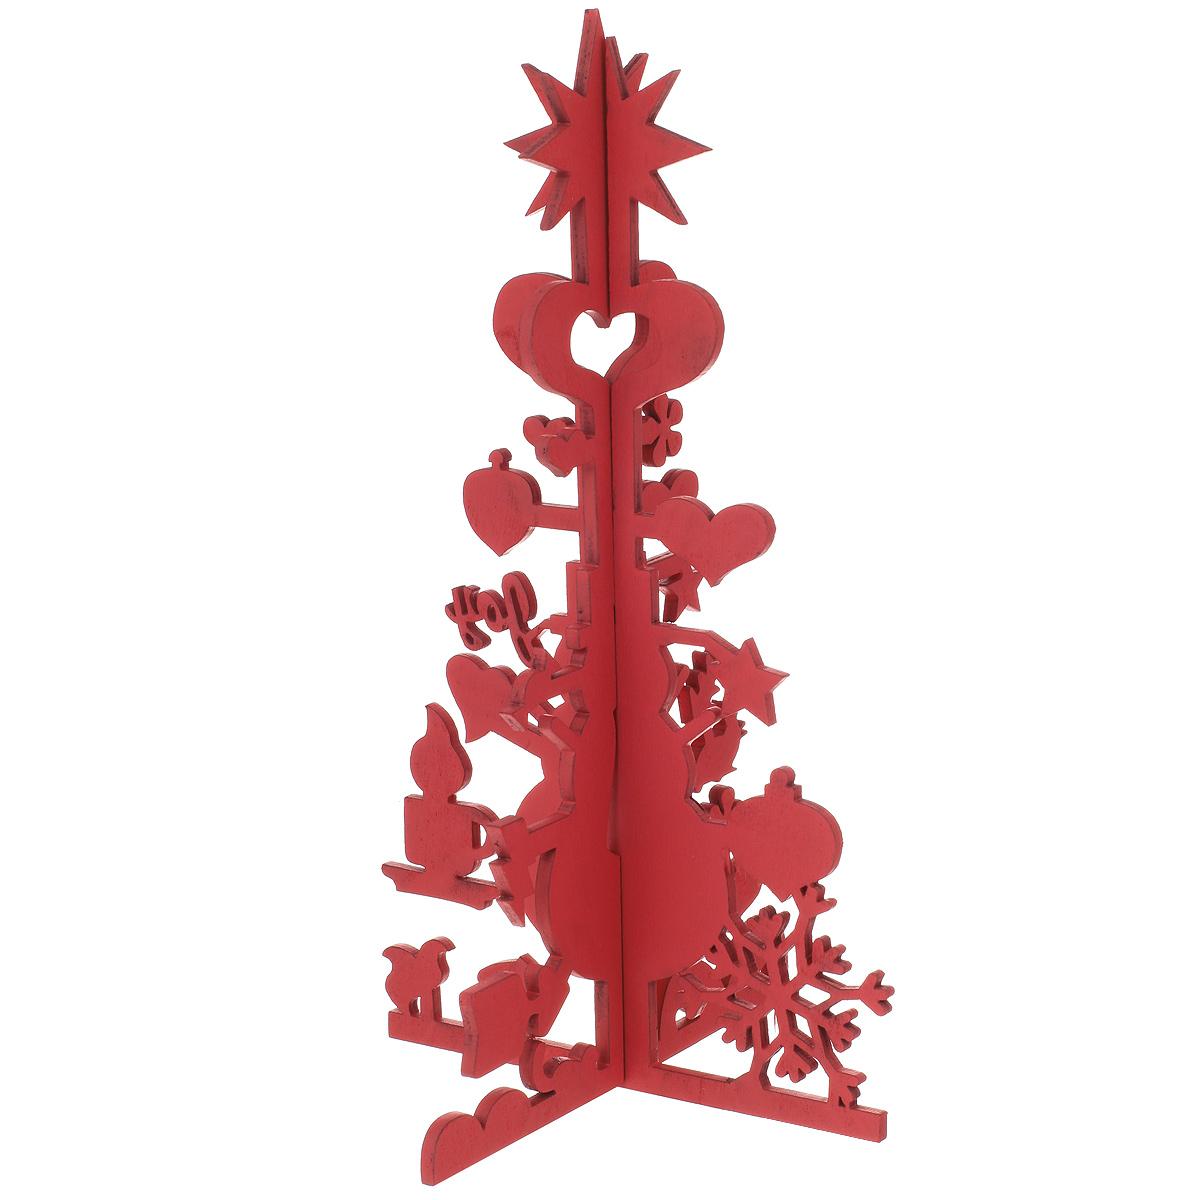 Украшение новогоднее Феникс-Презент Елочка с сердечком, цвет: красный, высота 26,5 см украшение новогоднее елочка заснеженная цвет красный 14 5 см 35691